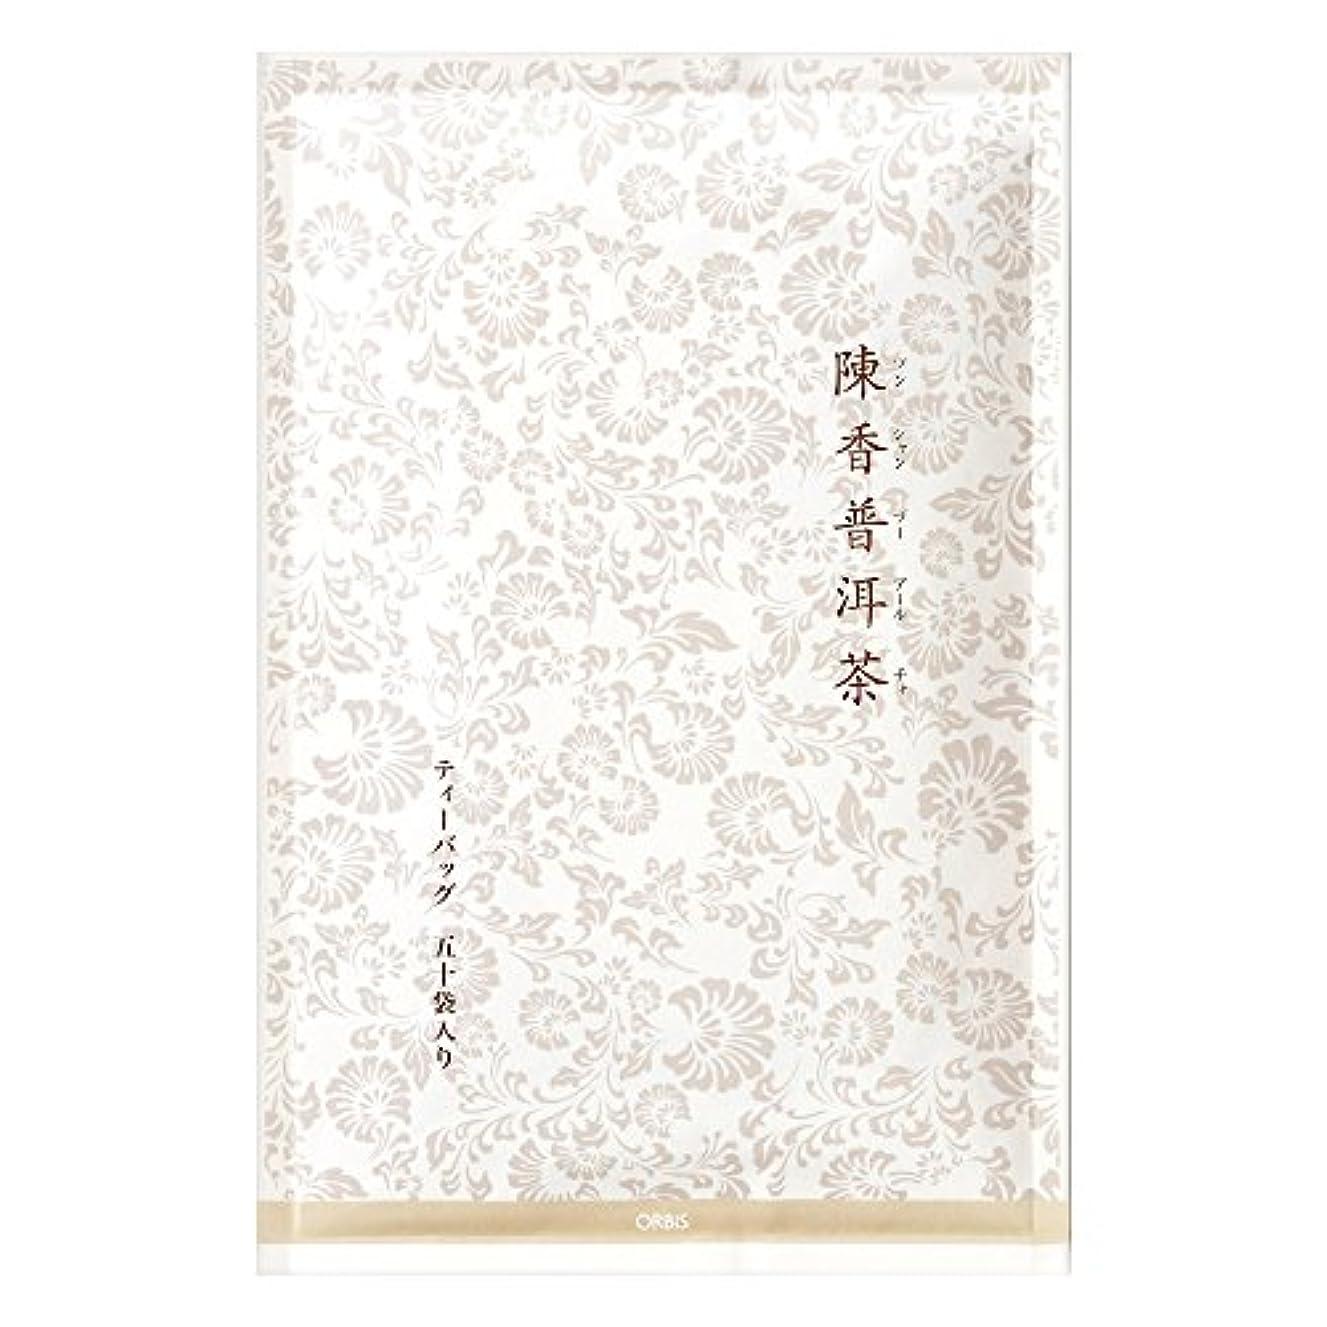 ゆるく執着料理オルビス(ORBIS) 陳香プーアール茶 ティーバッグ 徳用 2g×50袋 ◎ダイエット茶◎ 0kcal